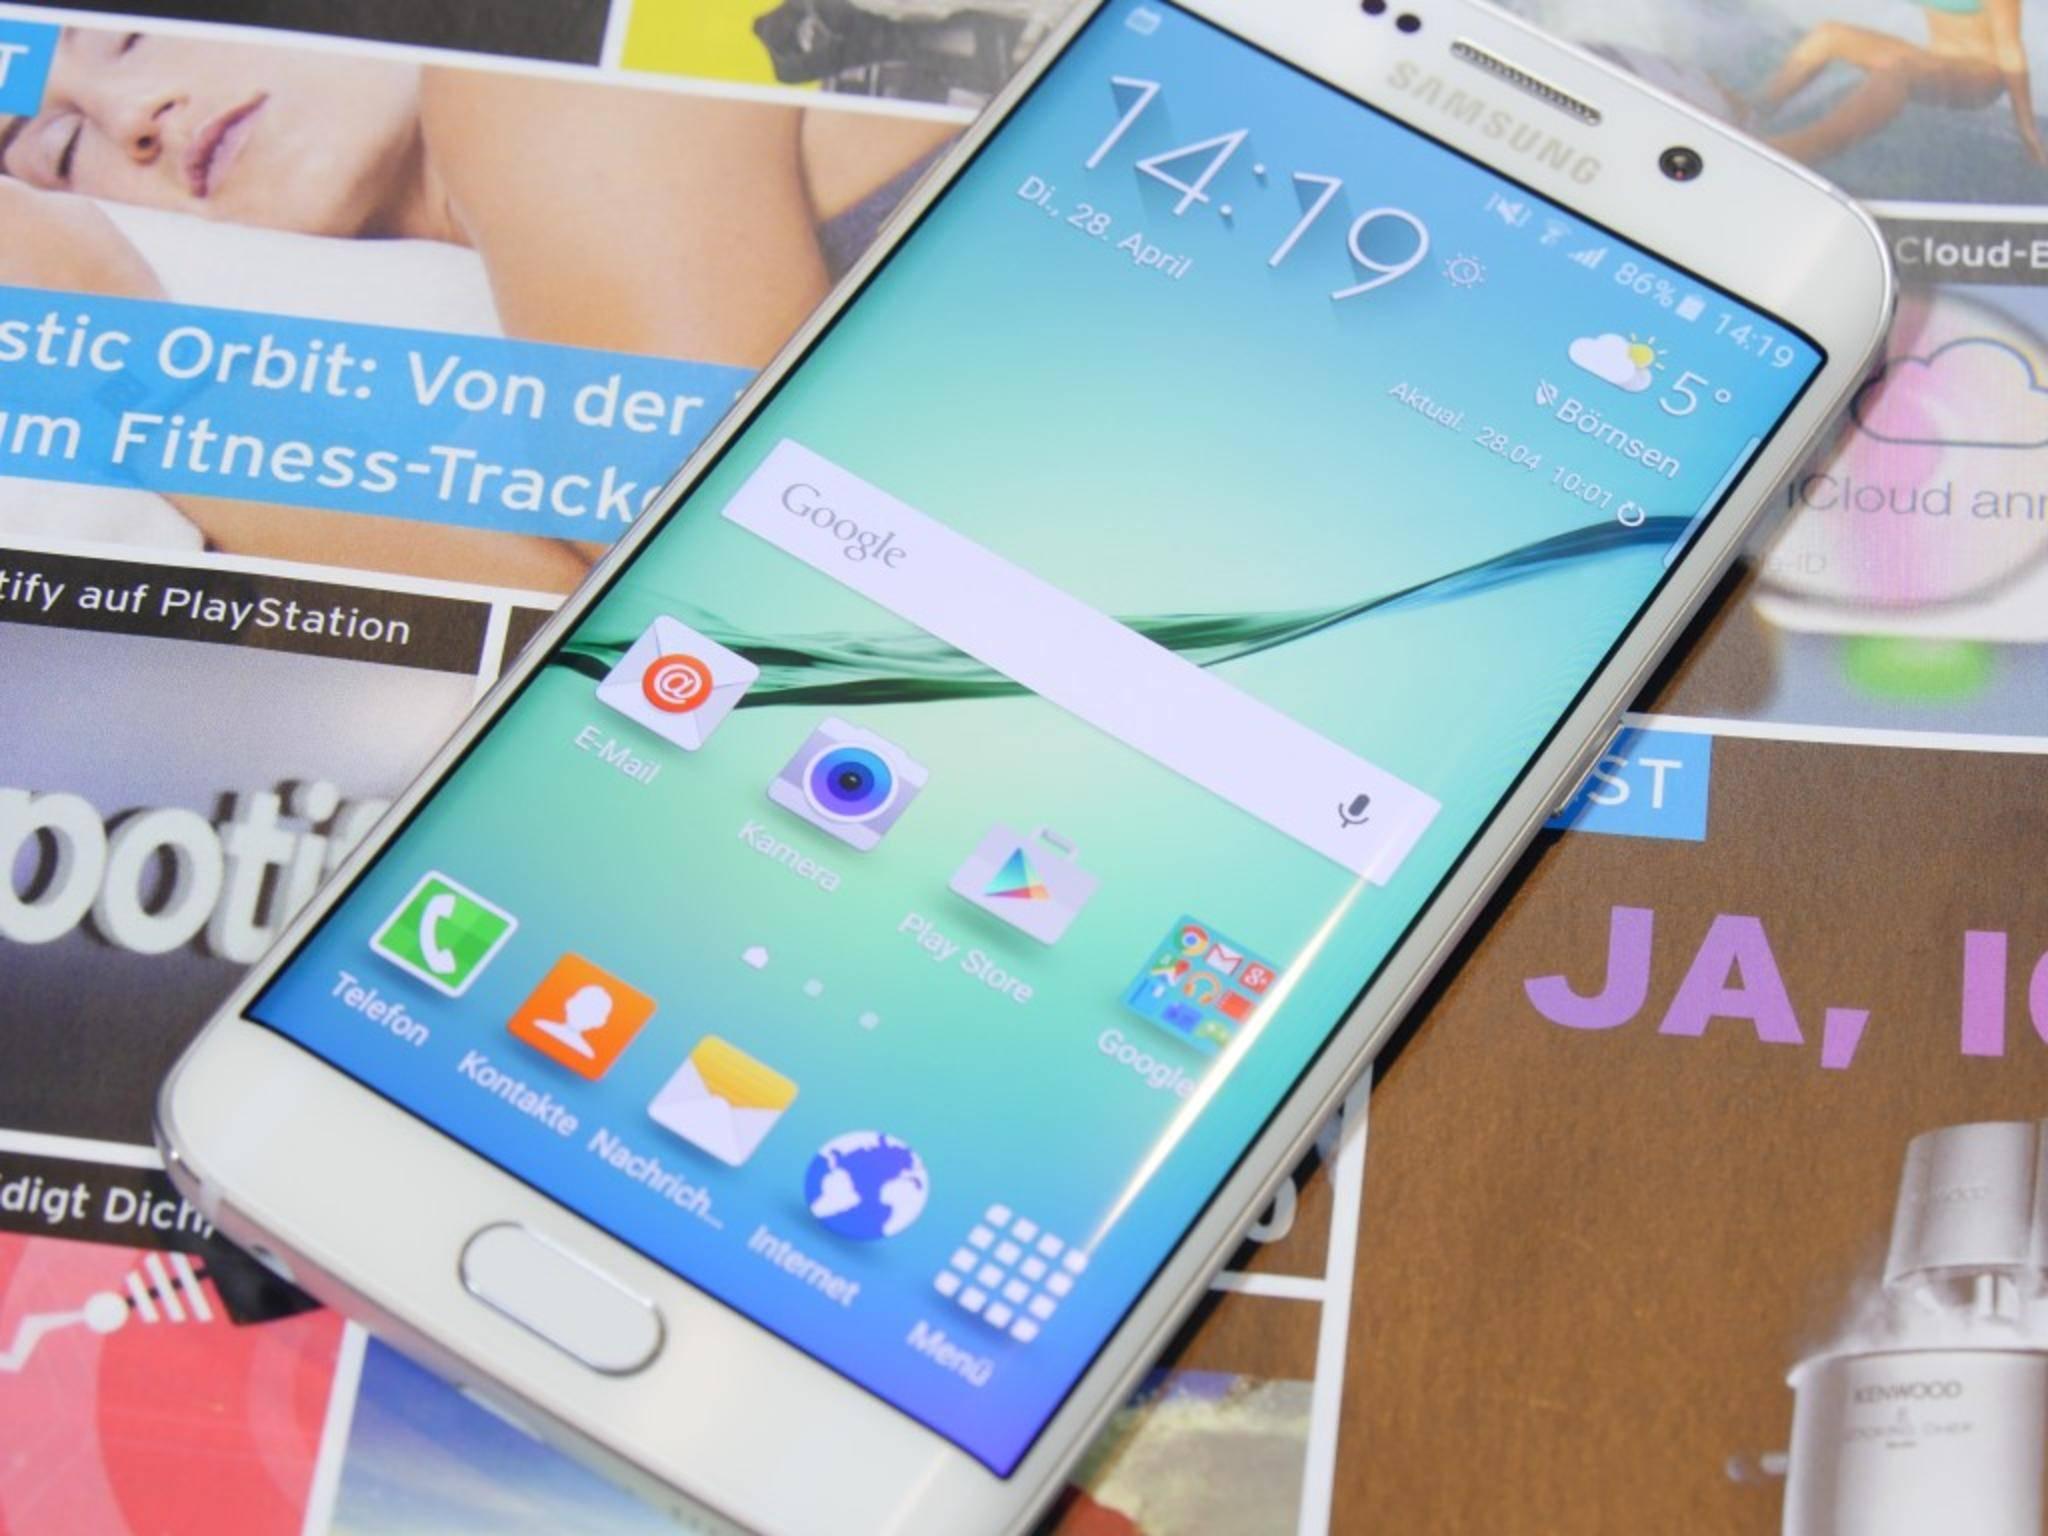 Der große Bruder des Samsung Galaxy S6 Edge soll offenbar 5,7 Zoll messen.